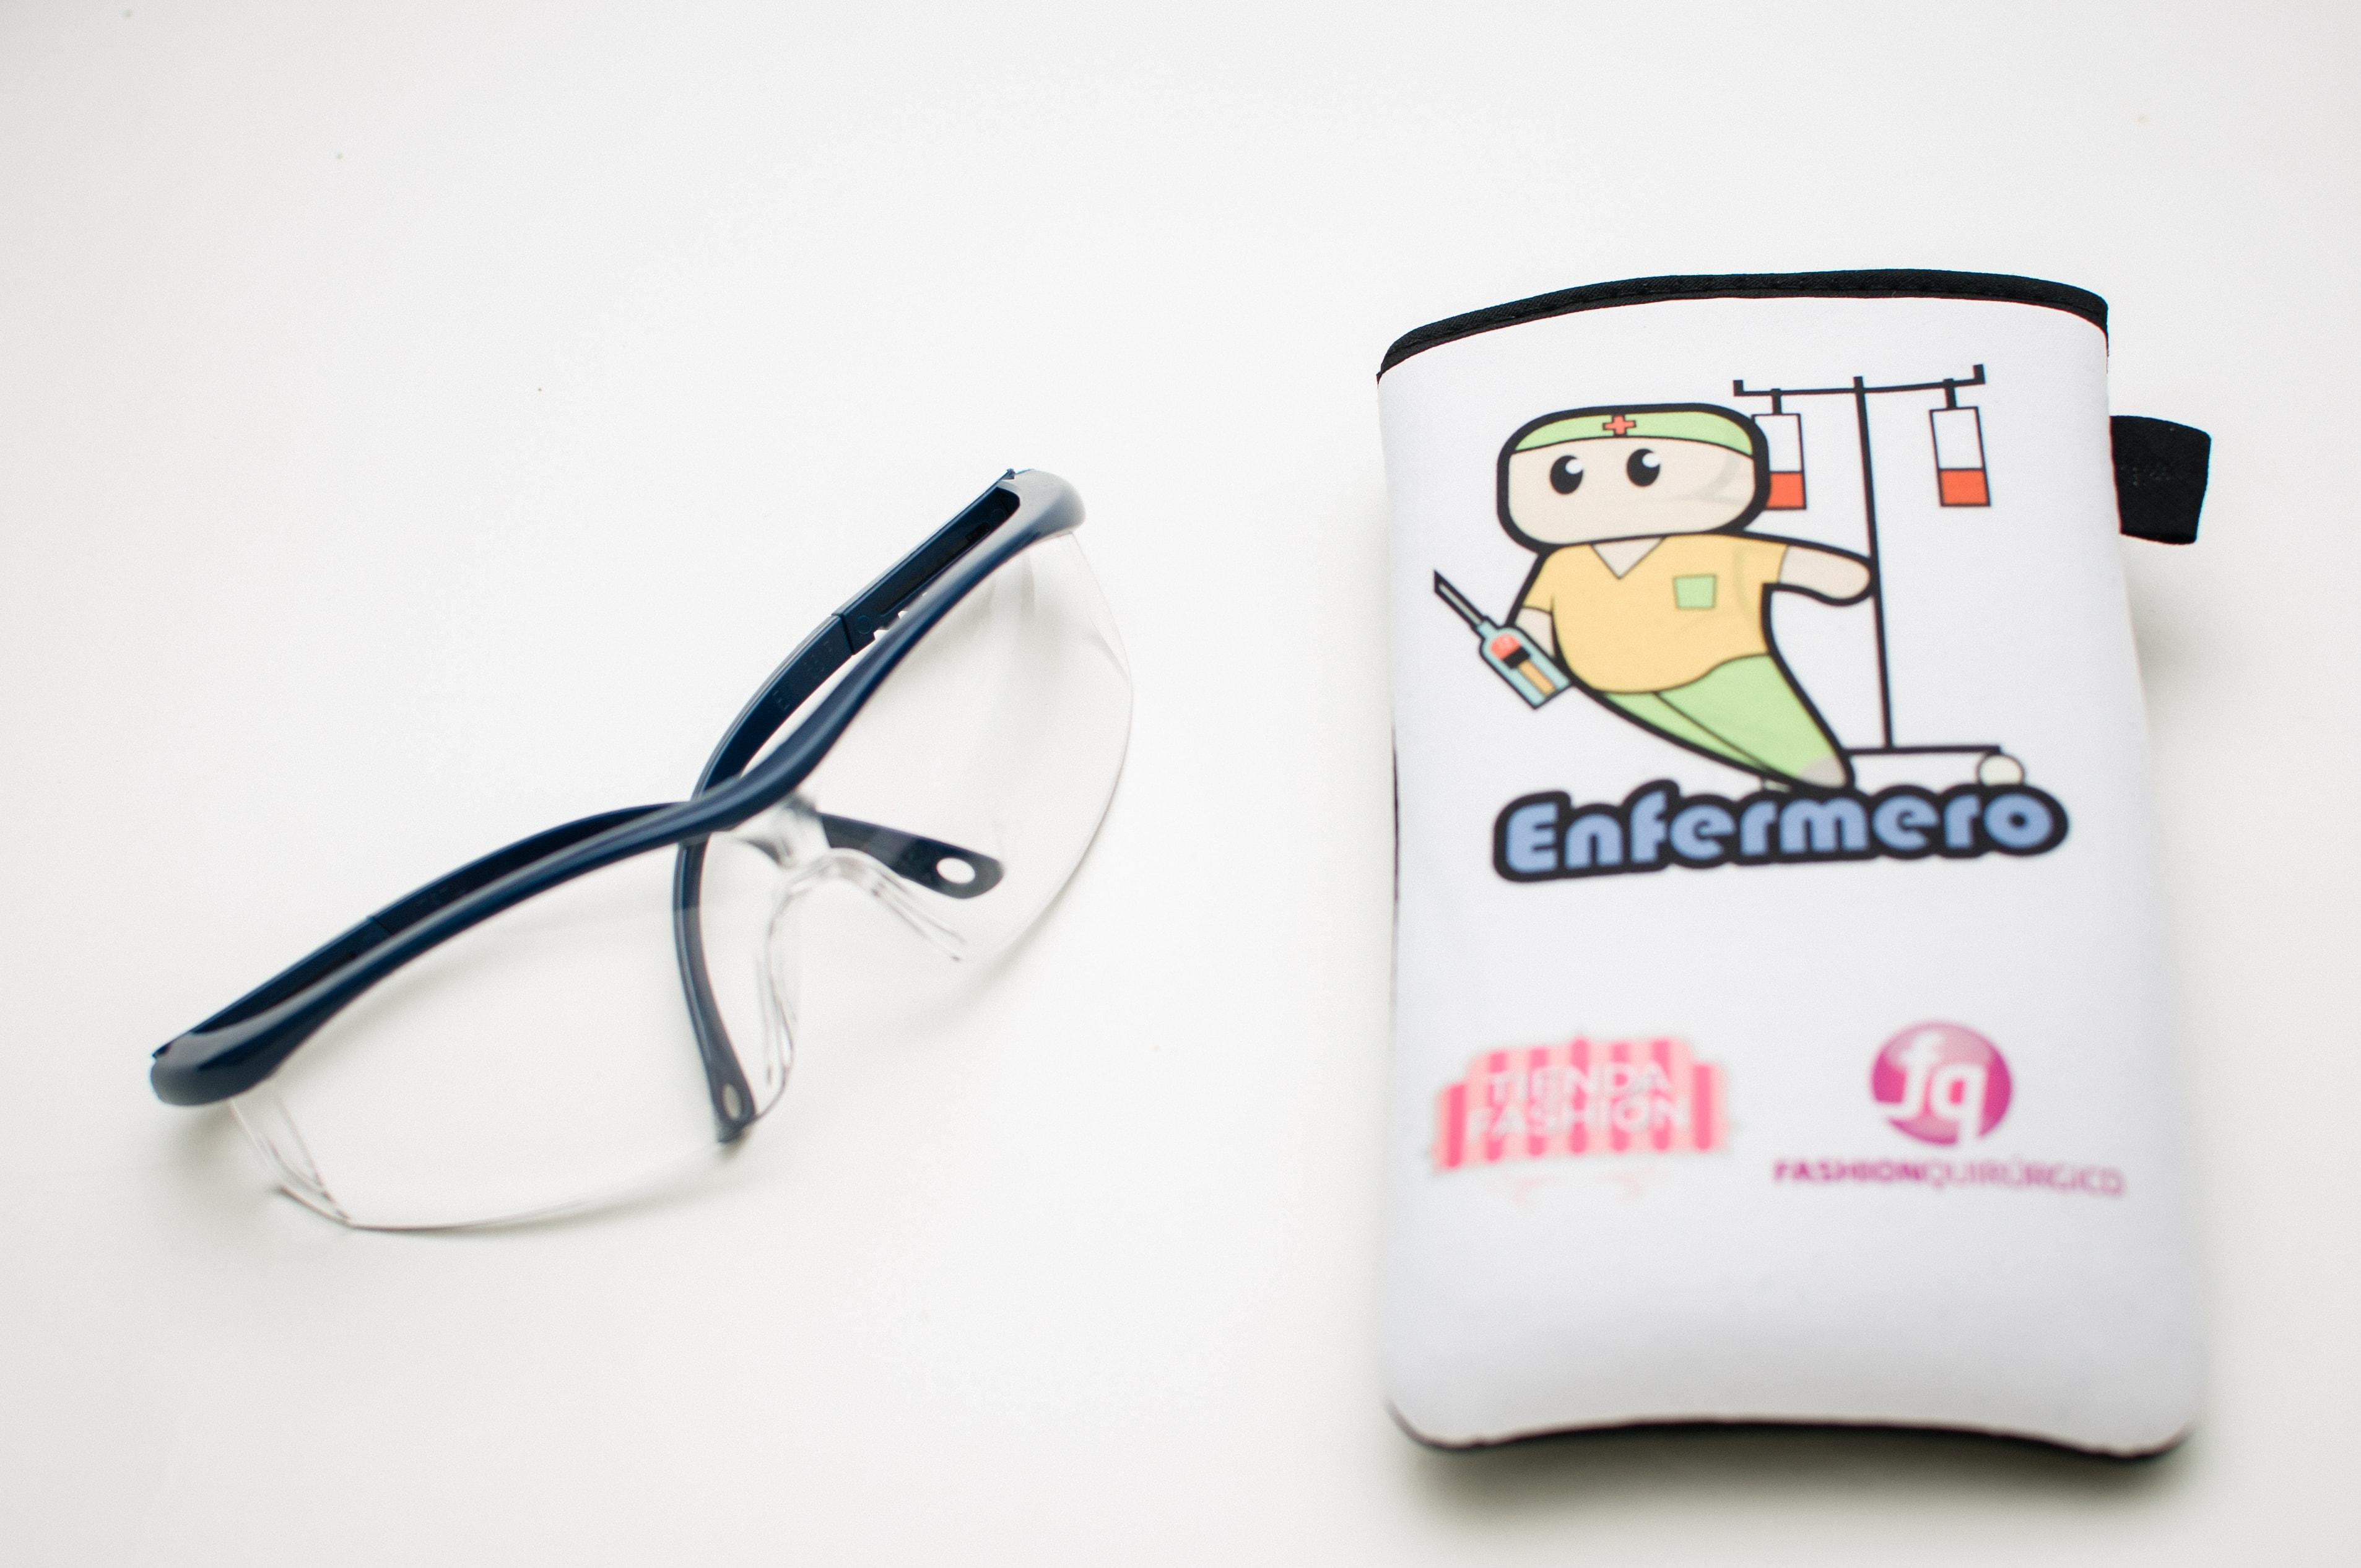 Enfermero - Estuche Anteojos de seguridad